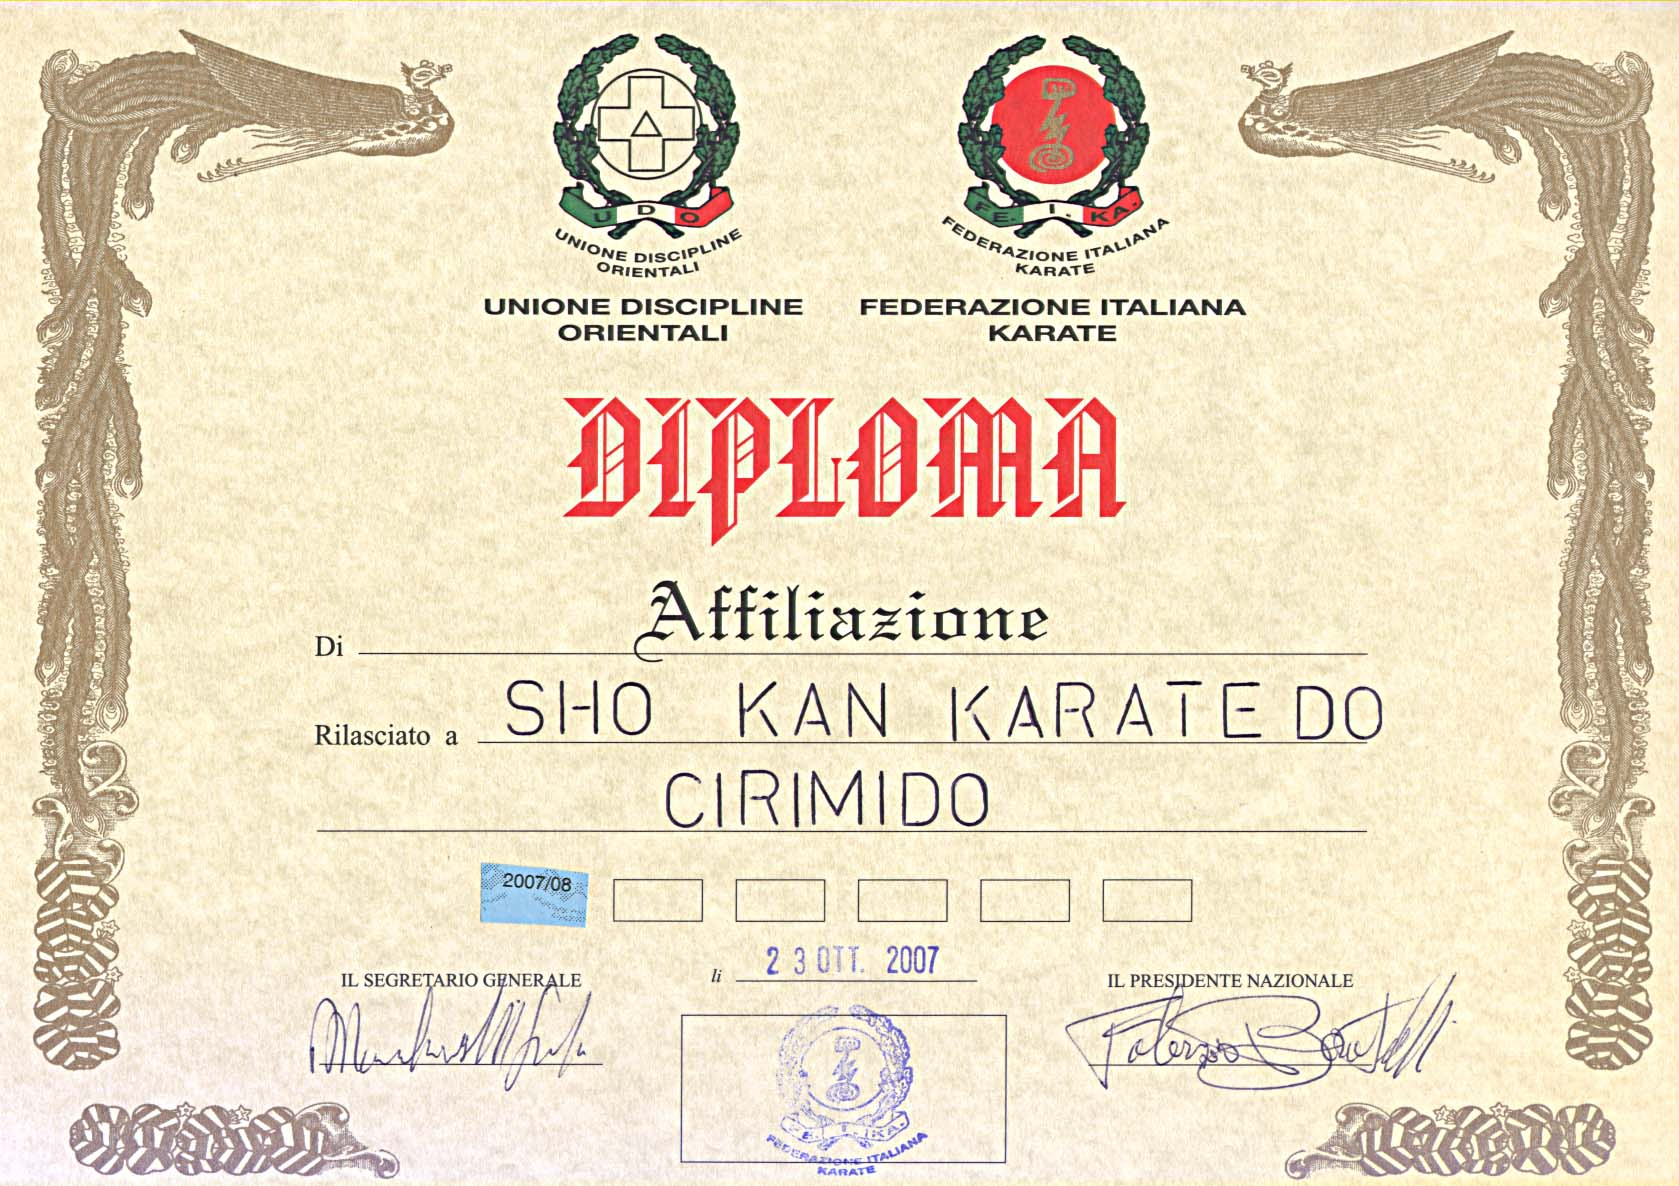 http://www.scuolakarate.it/Immagini/diploma%20di%20affiliazione%20FE.I.jpg